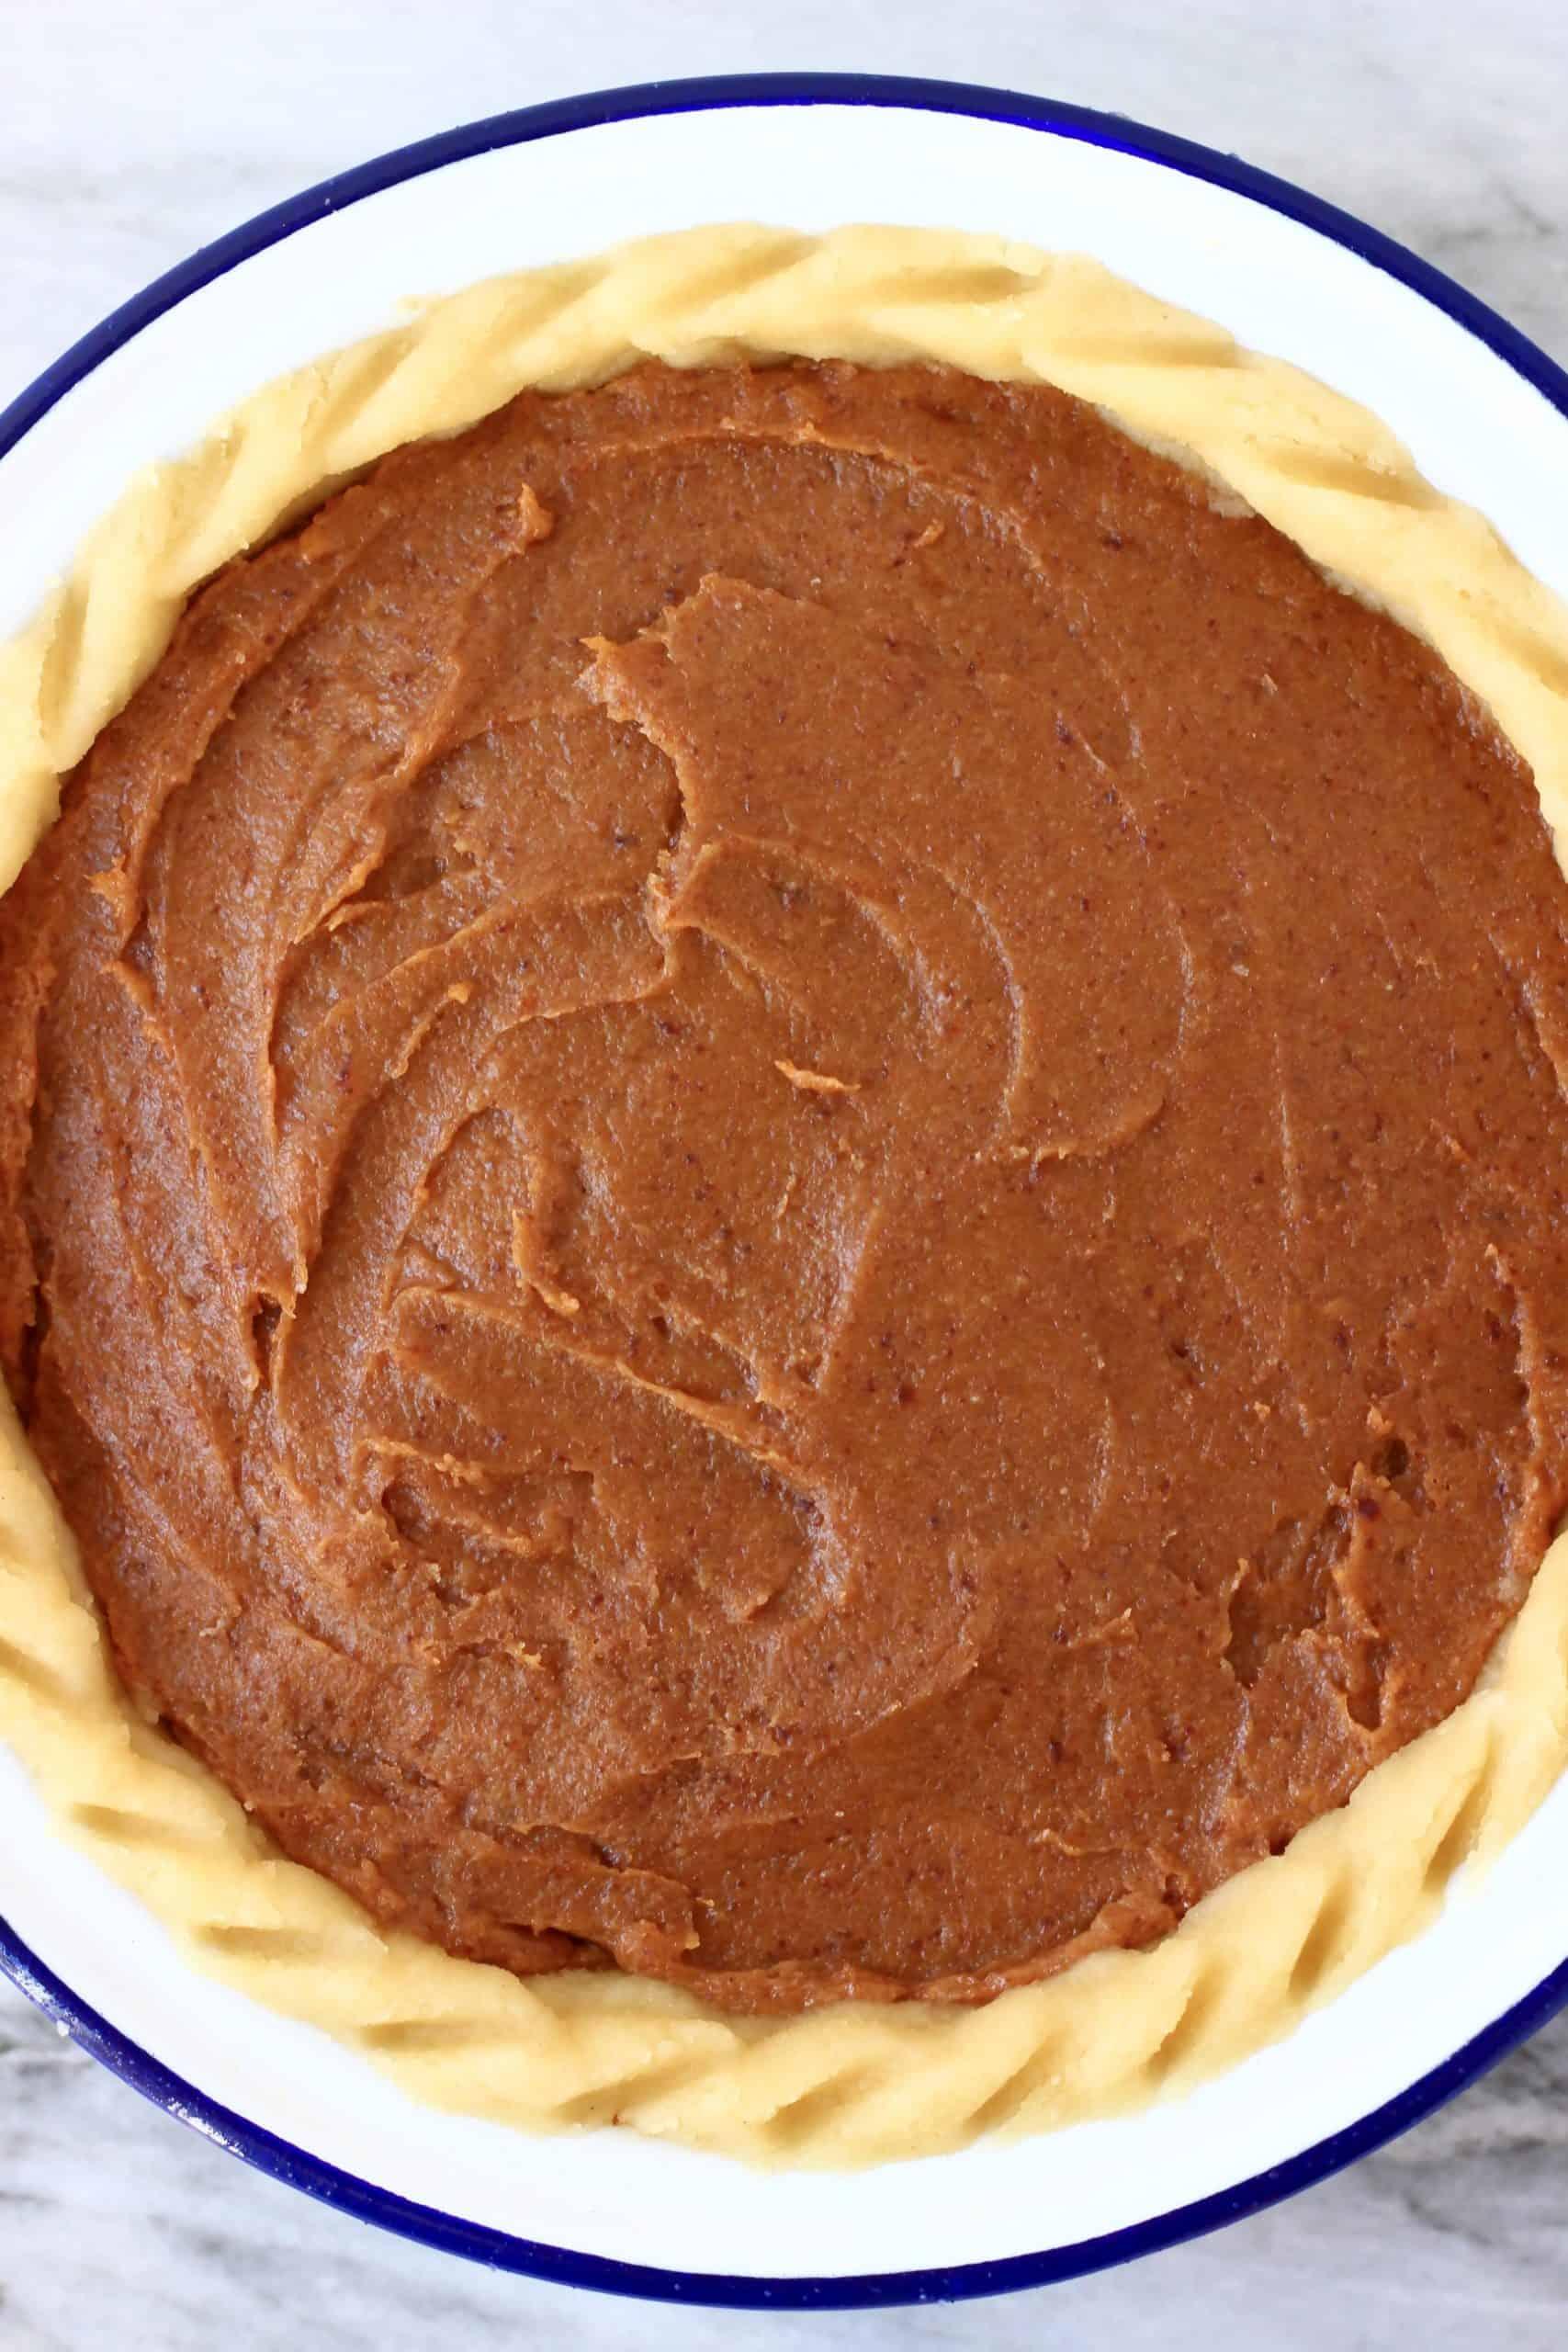 Pecan pie filling in a raw pie crust in a pie dish